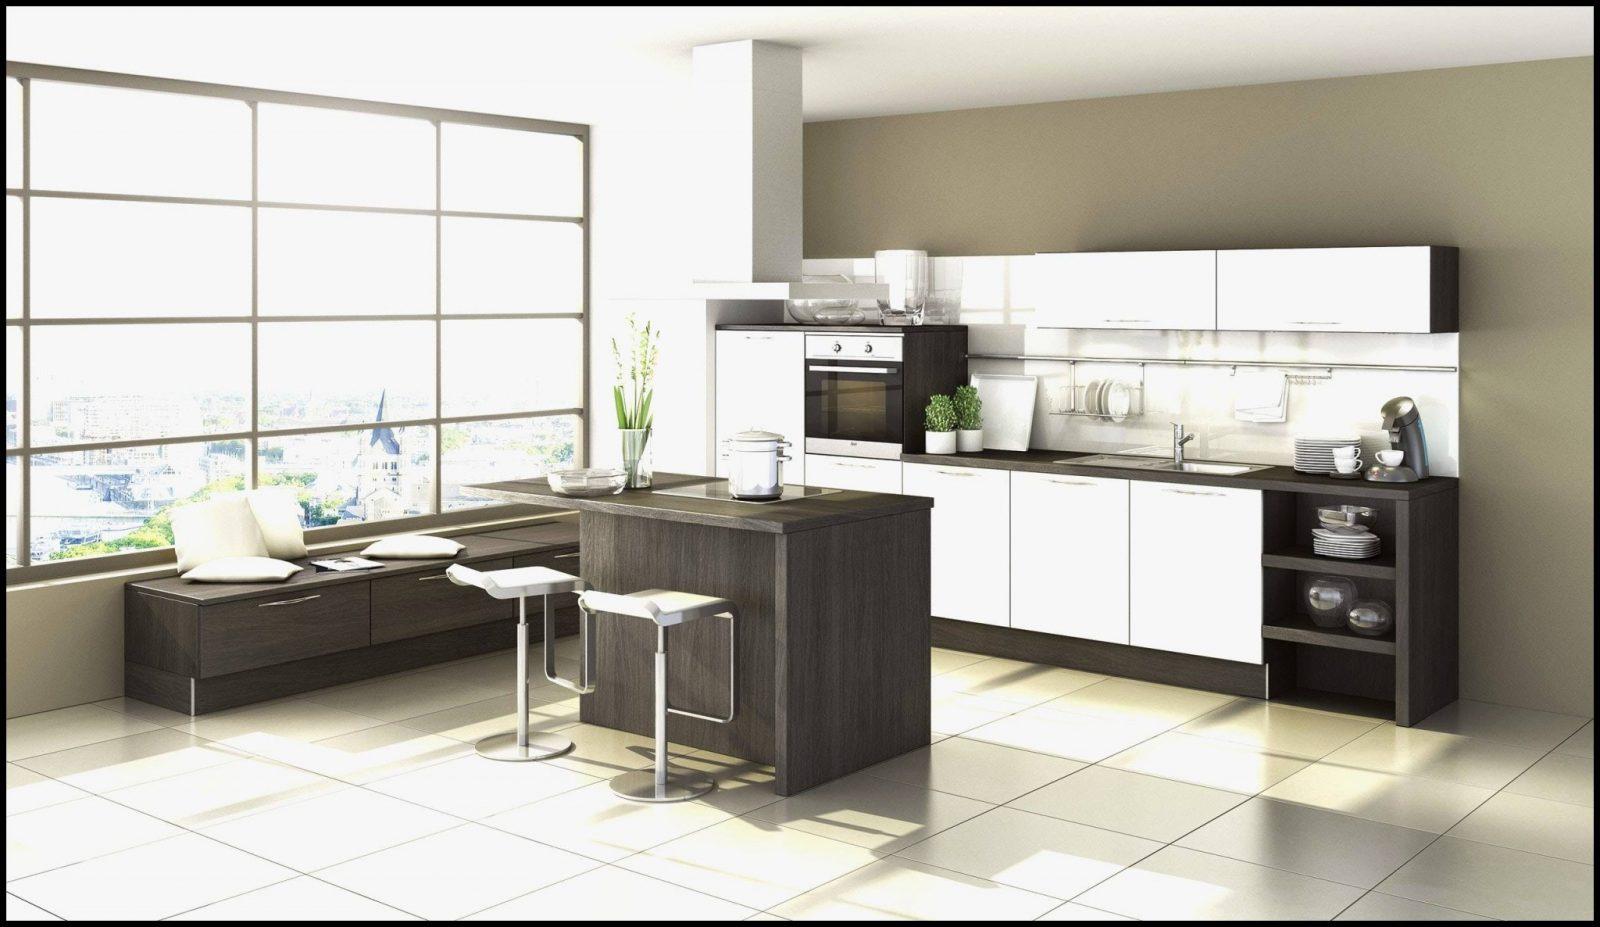 Beste Von Alkoni Marburg Schlafzimmer  Home Image Ideen von Atemberaubende Ideen Für Dein Zuhause Bild